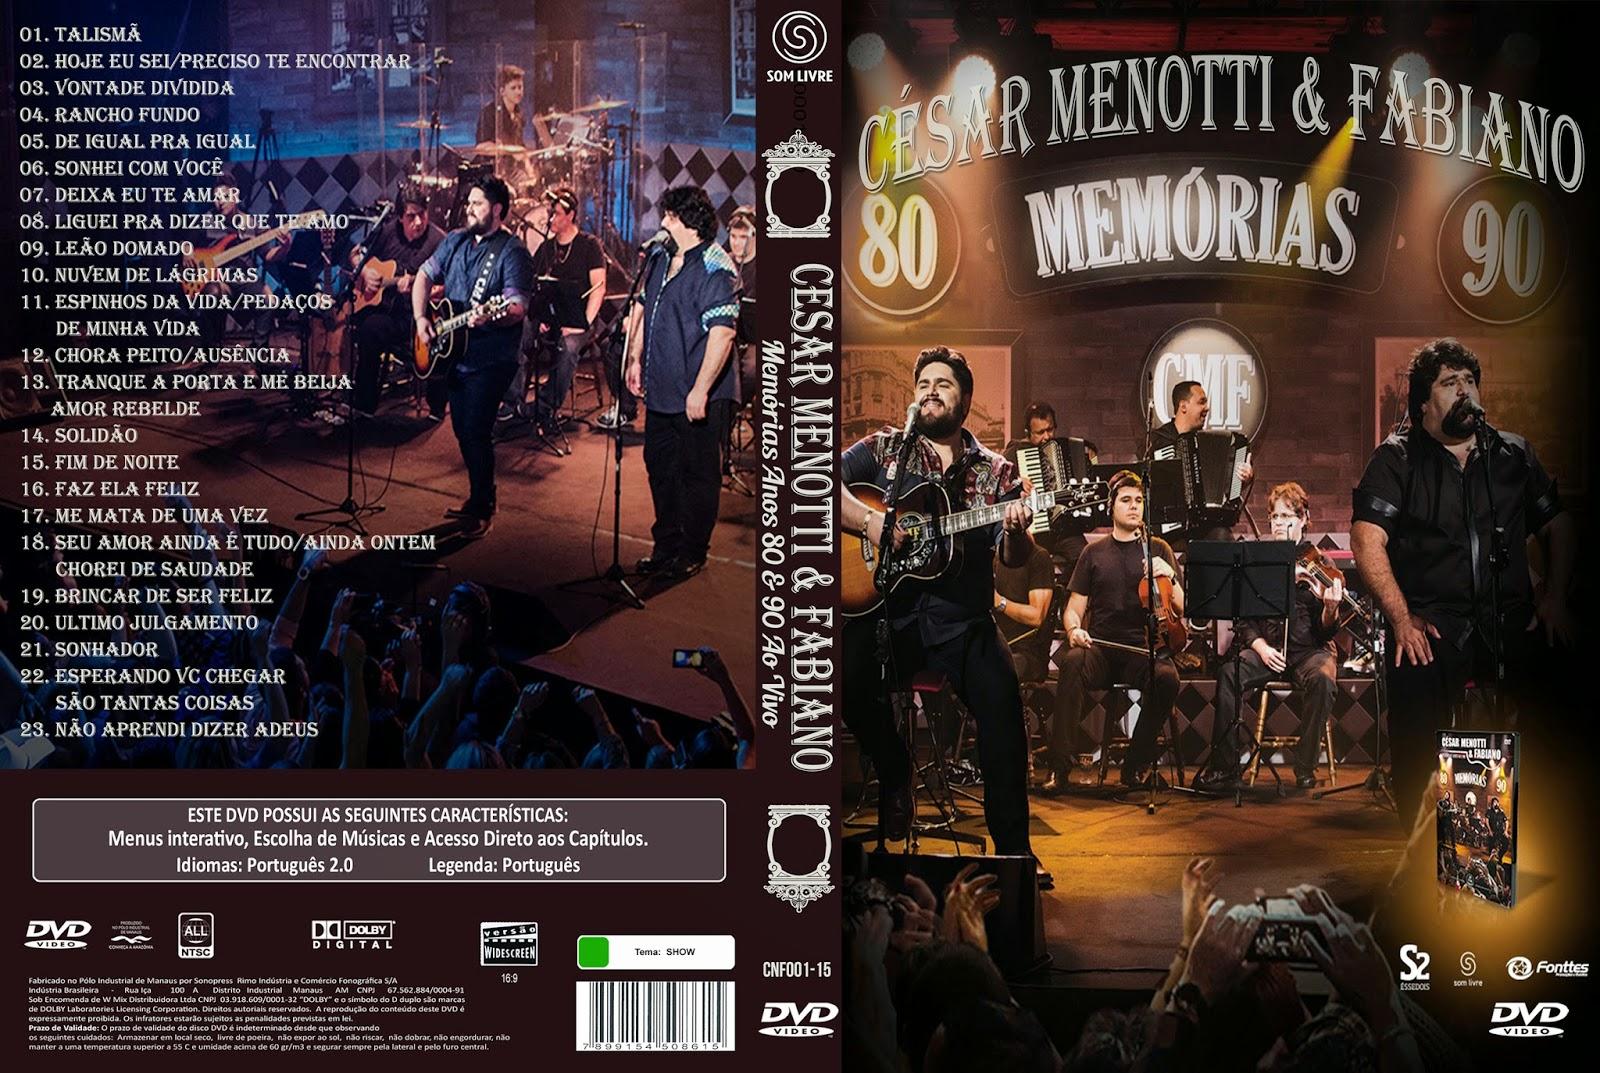 DVD César Menotti & Fabiano – Memórias Anos 80 e 90 Ao Vivo (2015)